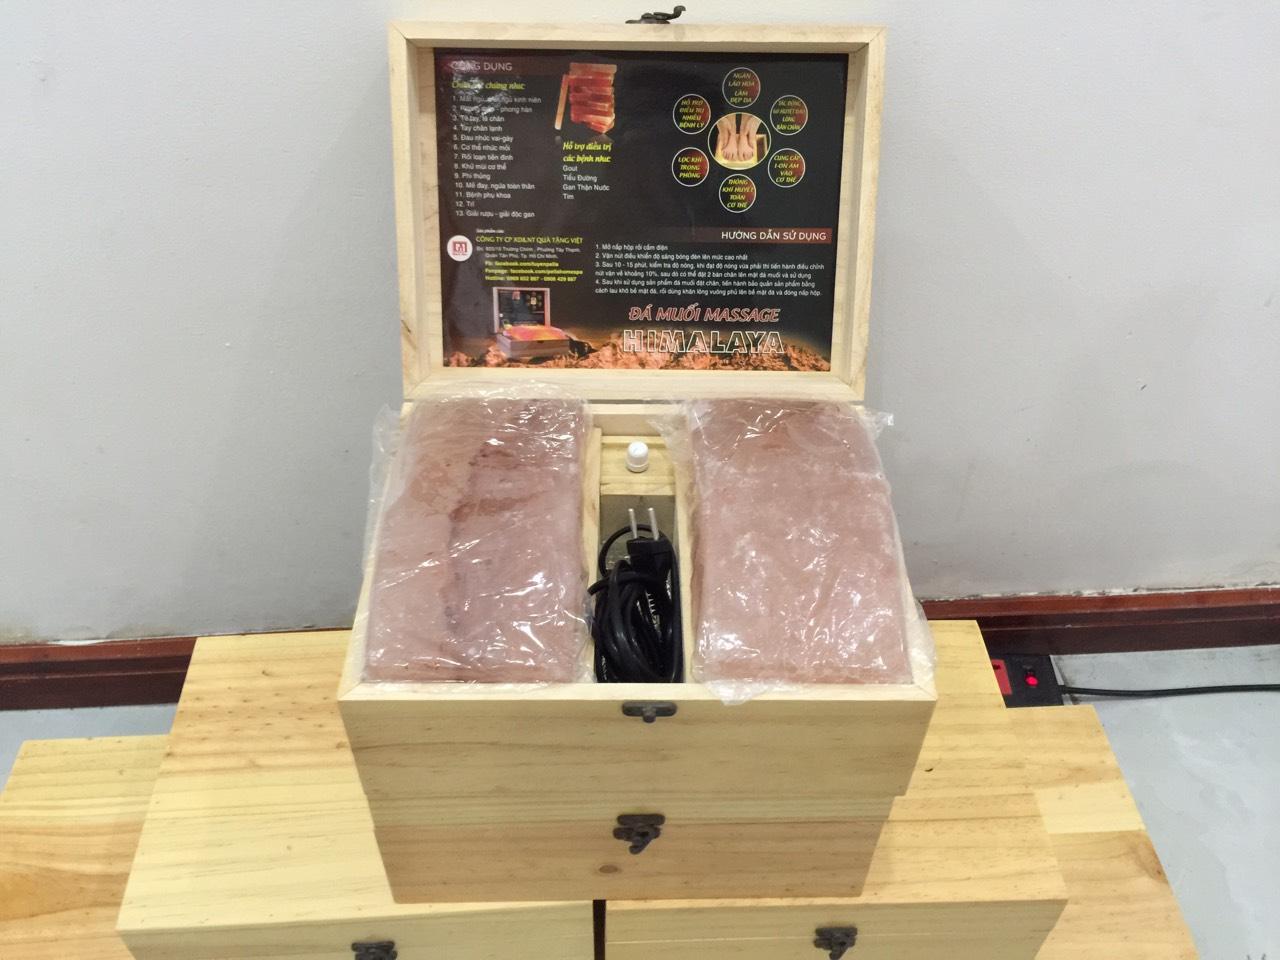 Combo 5 hộp đá muối Massage chân loại thường Size 20x20 cm. Sản phẩm chăm sóc sức khỏe